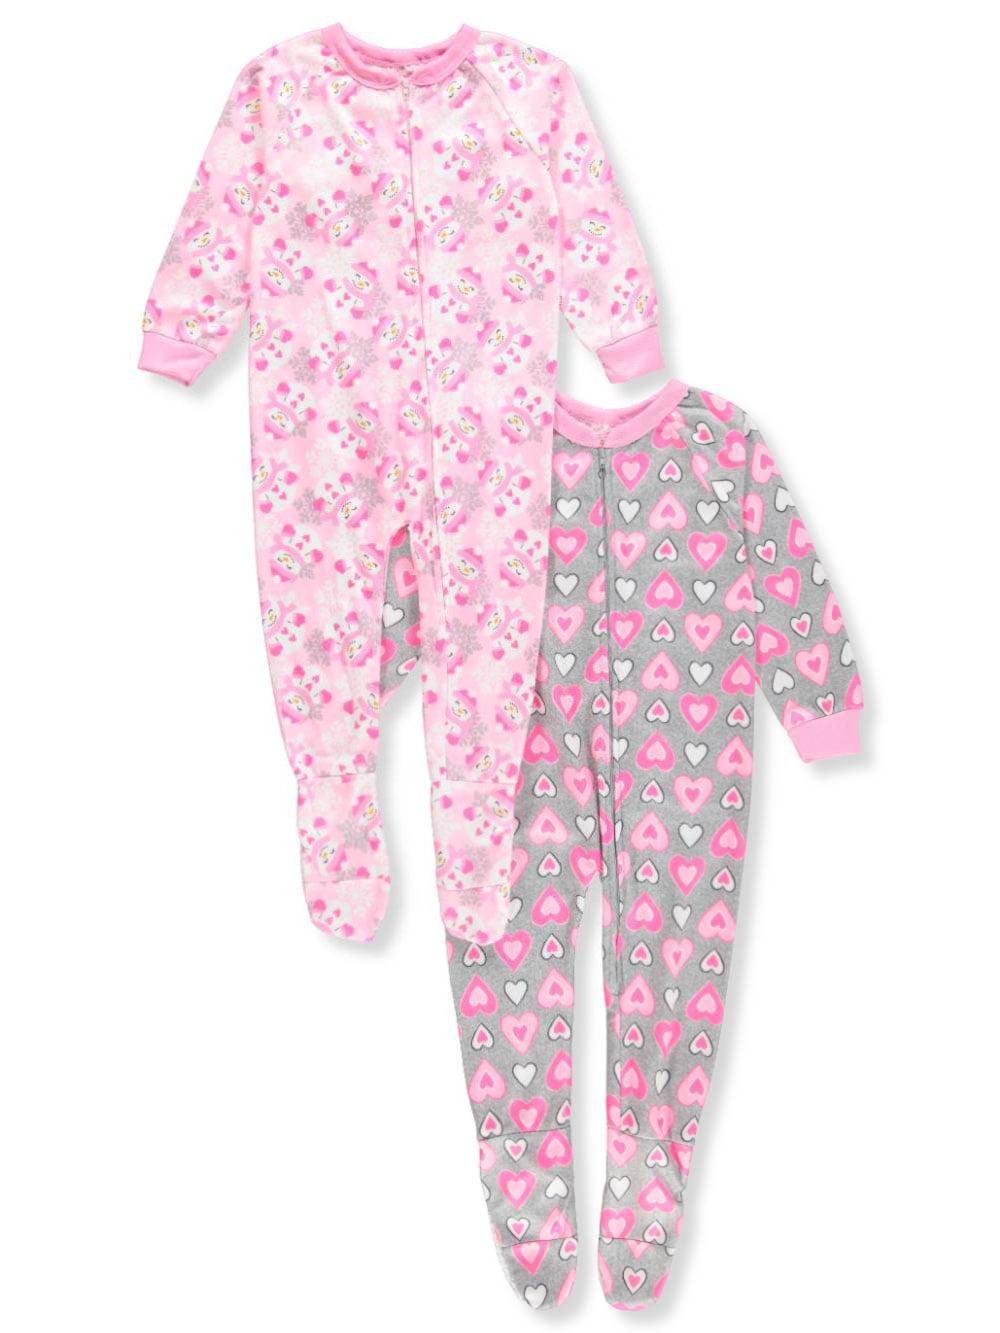 Mon Petit Girls' 2-Pack 1-Piece Footed Pajamas